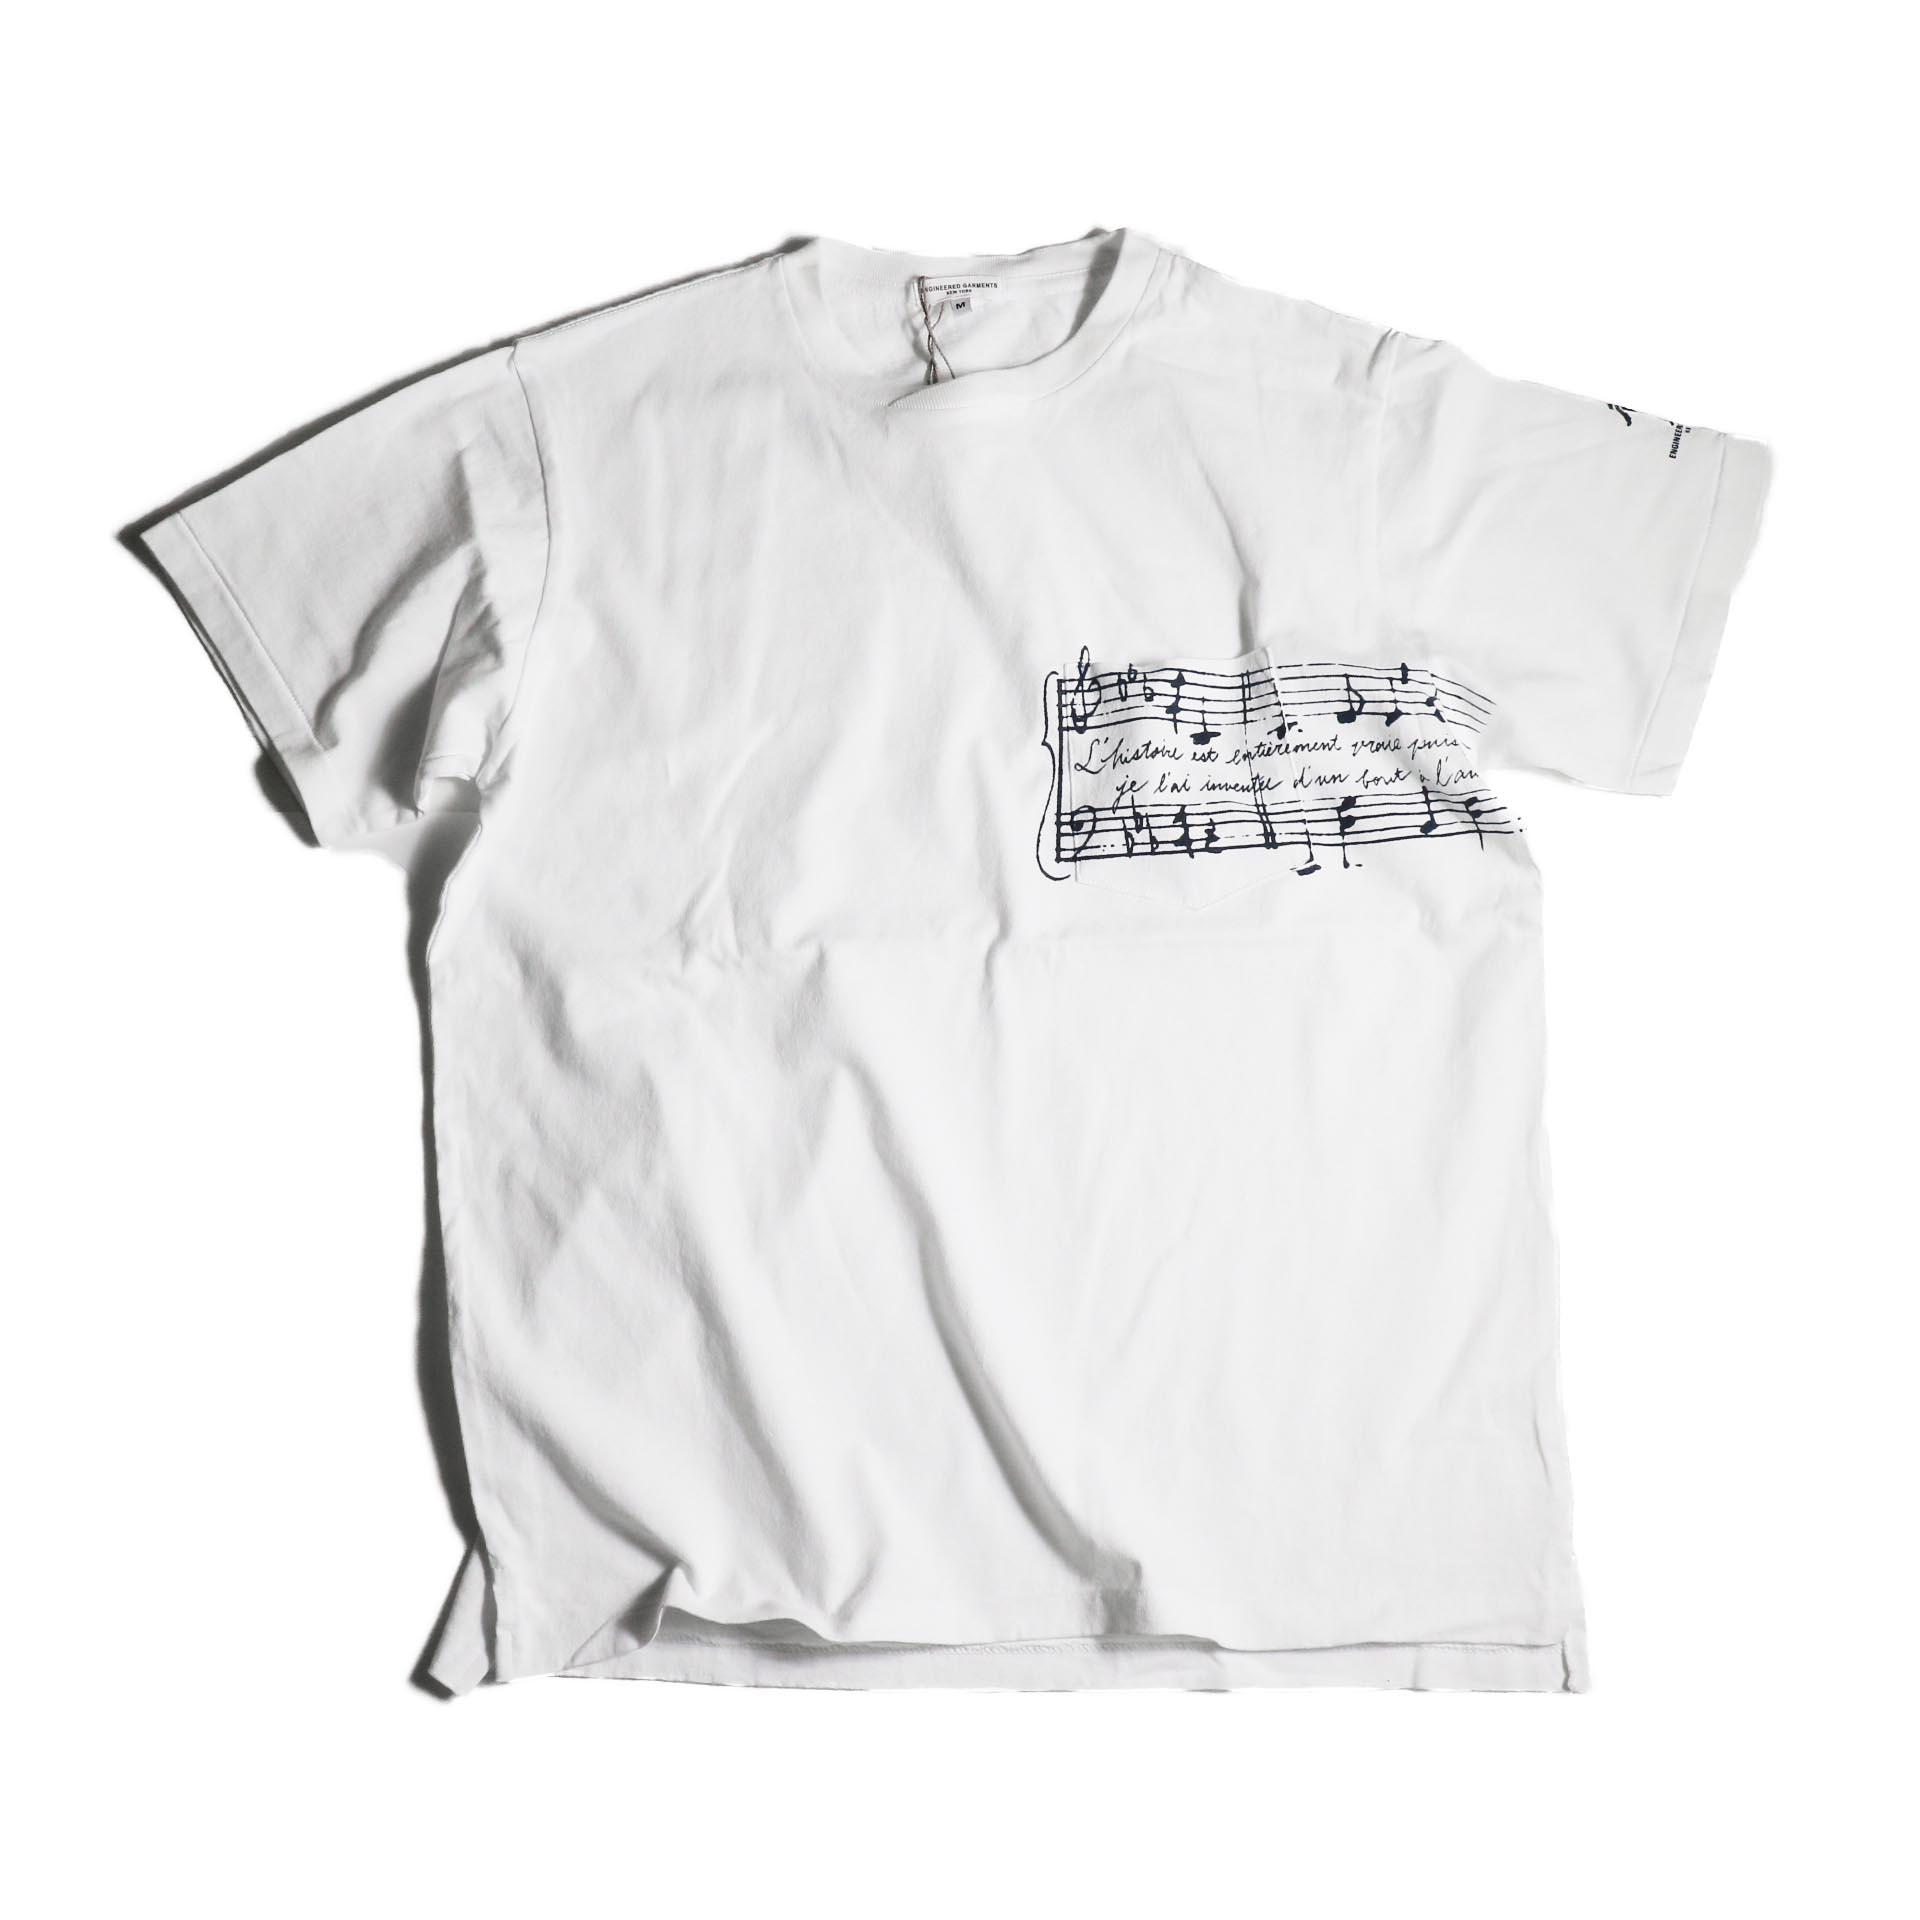 Engineered Garments / Printed Cross Crew Neck T-shirt -Music (White)